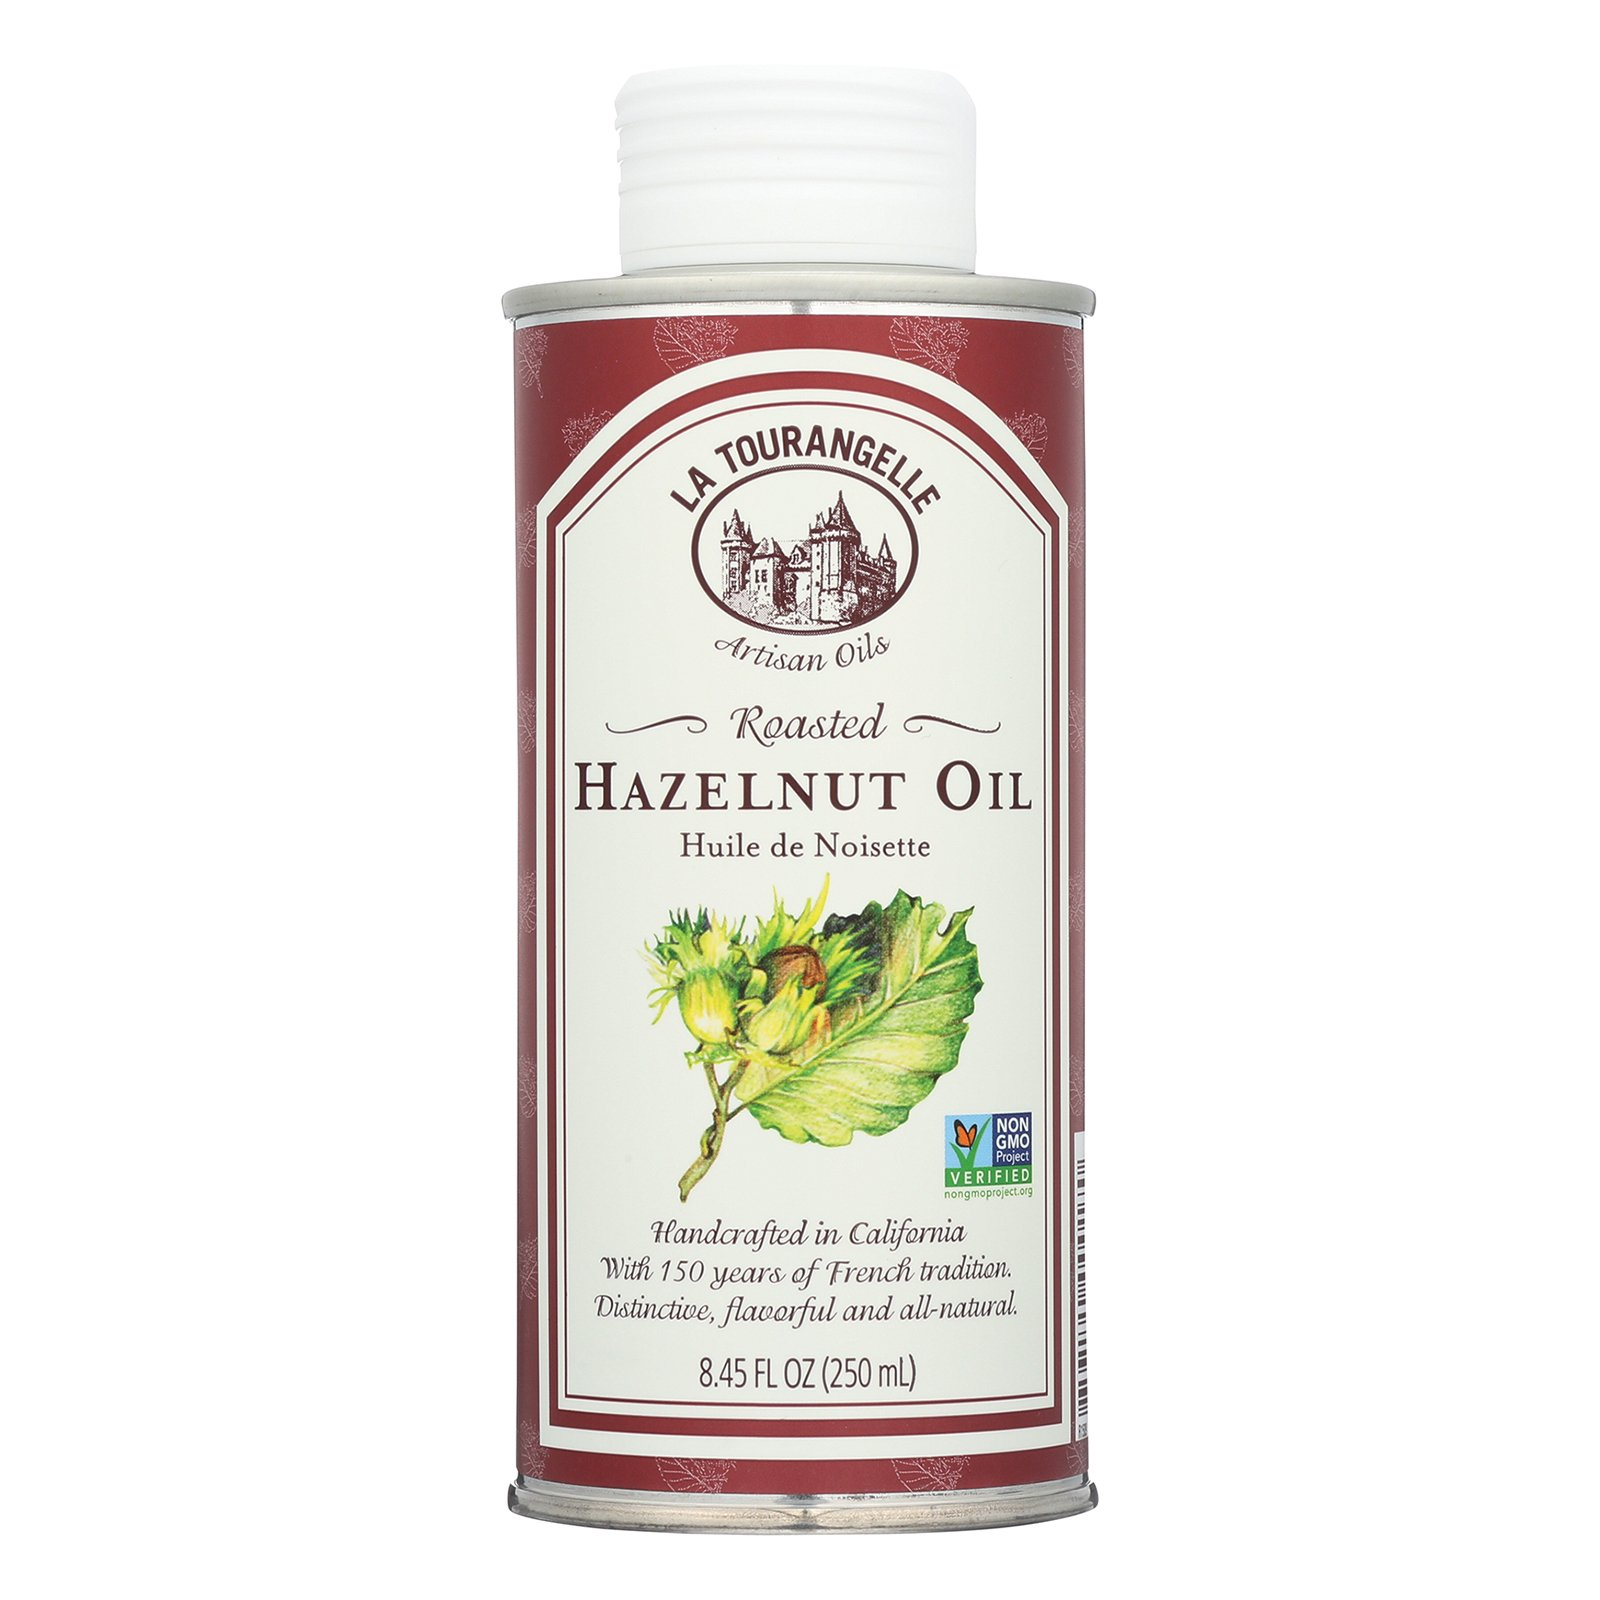 La Tourangelle Roasted Hazelnut Oil - Case of 6 - 8.45 Fl oz. by La Tourangelle